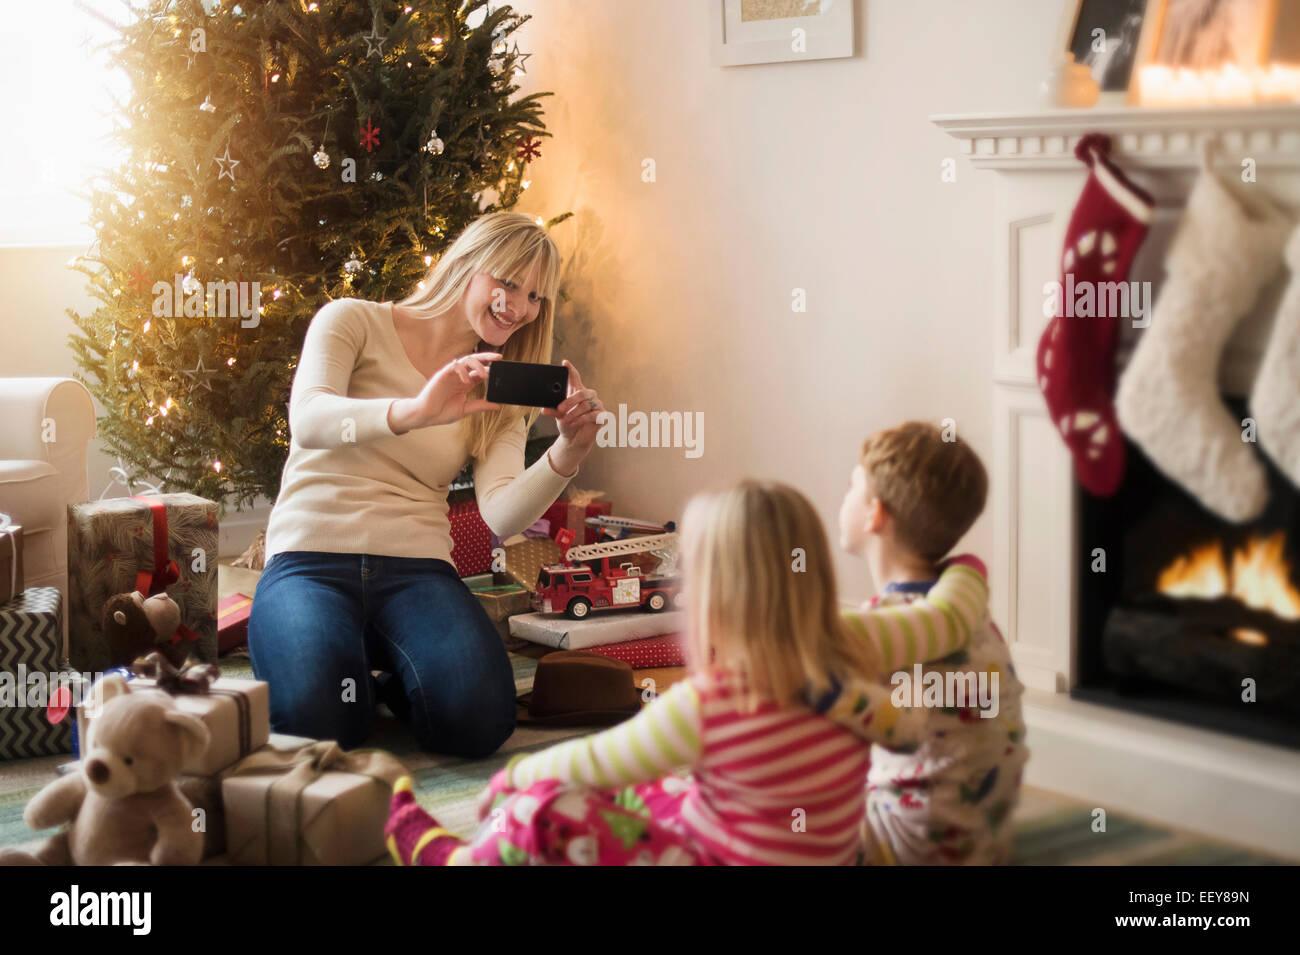 Mutter mit Kinder (4-5, 6 und 7) Eröffnung Weihnachtsgeschenke und fotografieren Stockbild